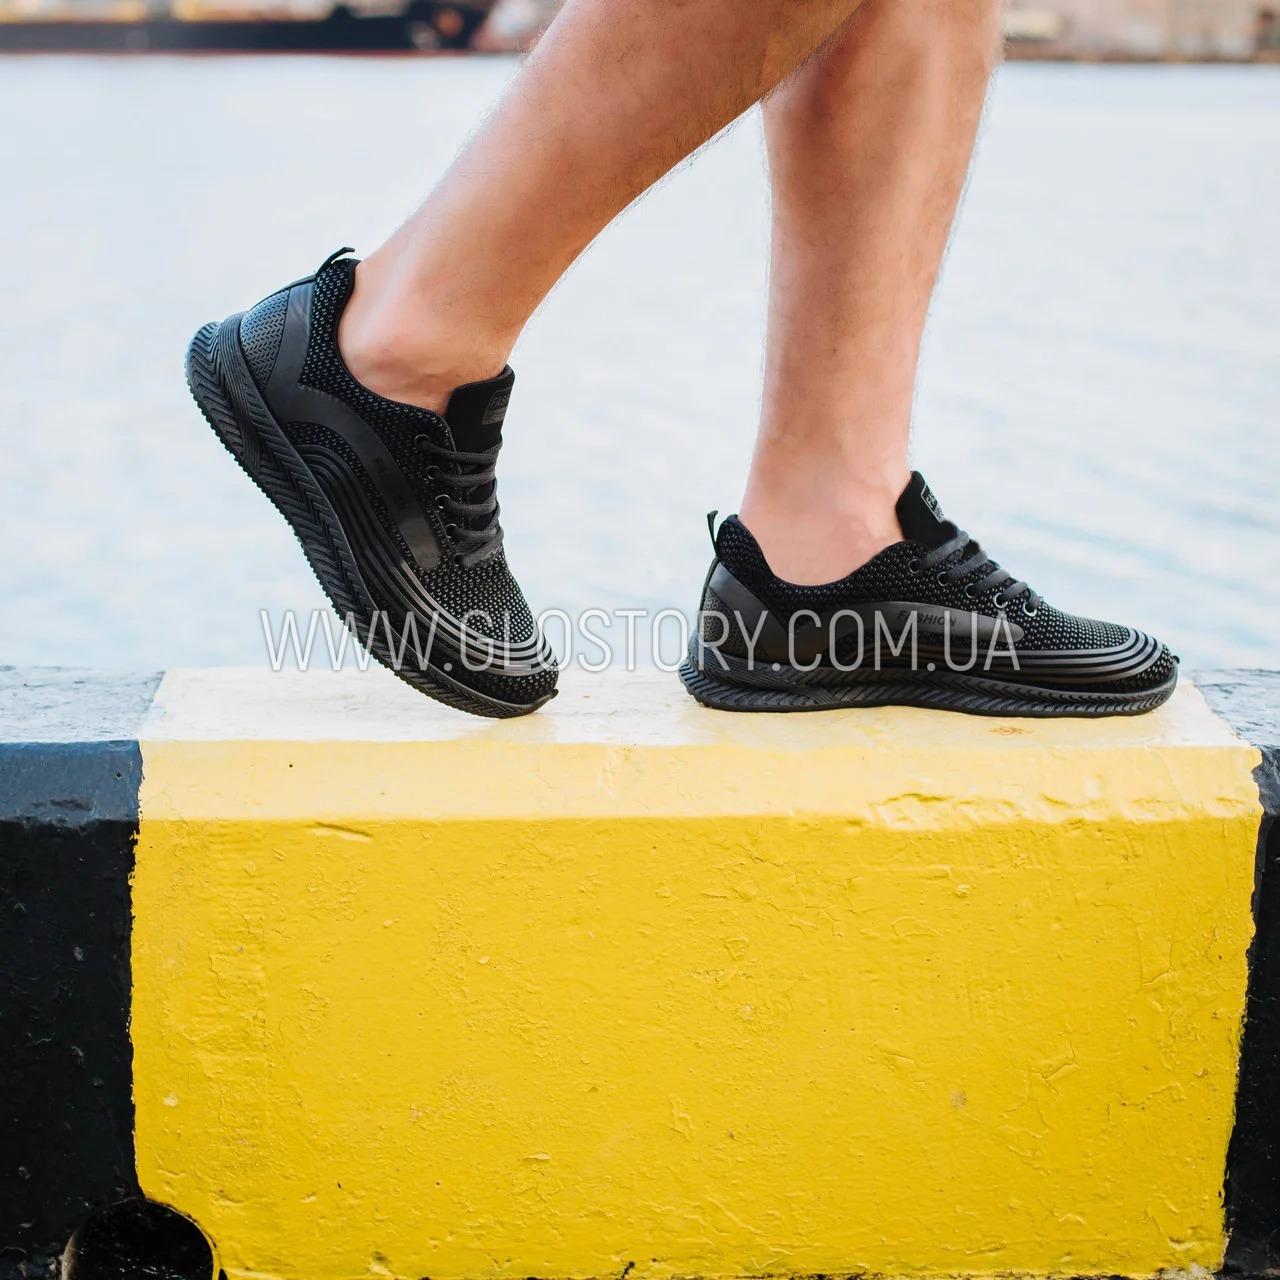 Чоловічі чорні кросівки